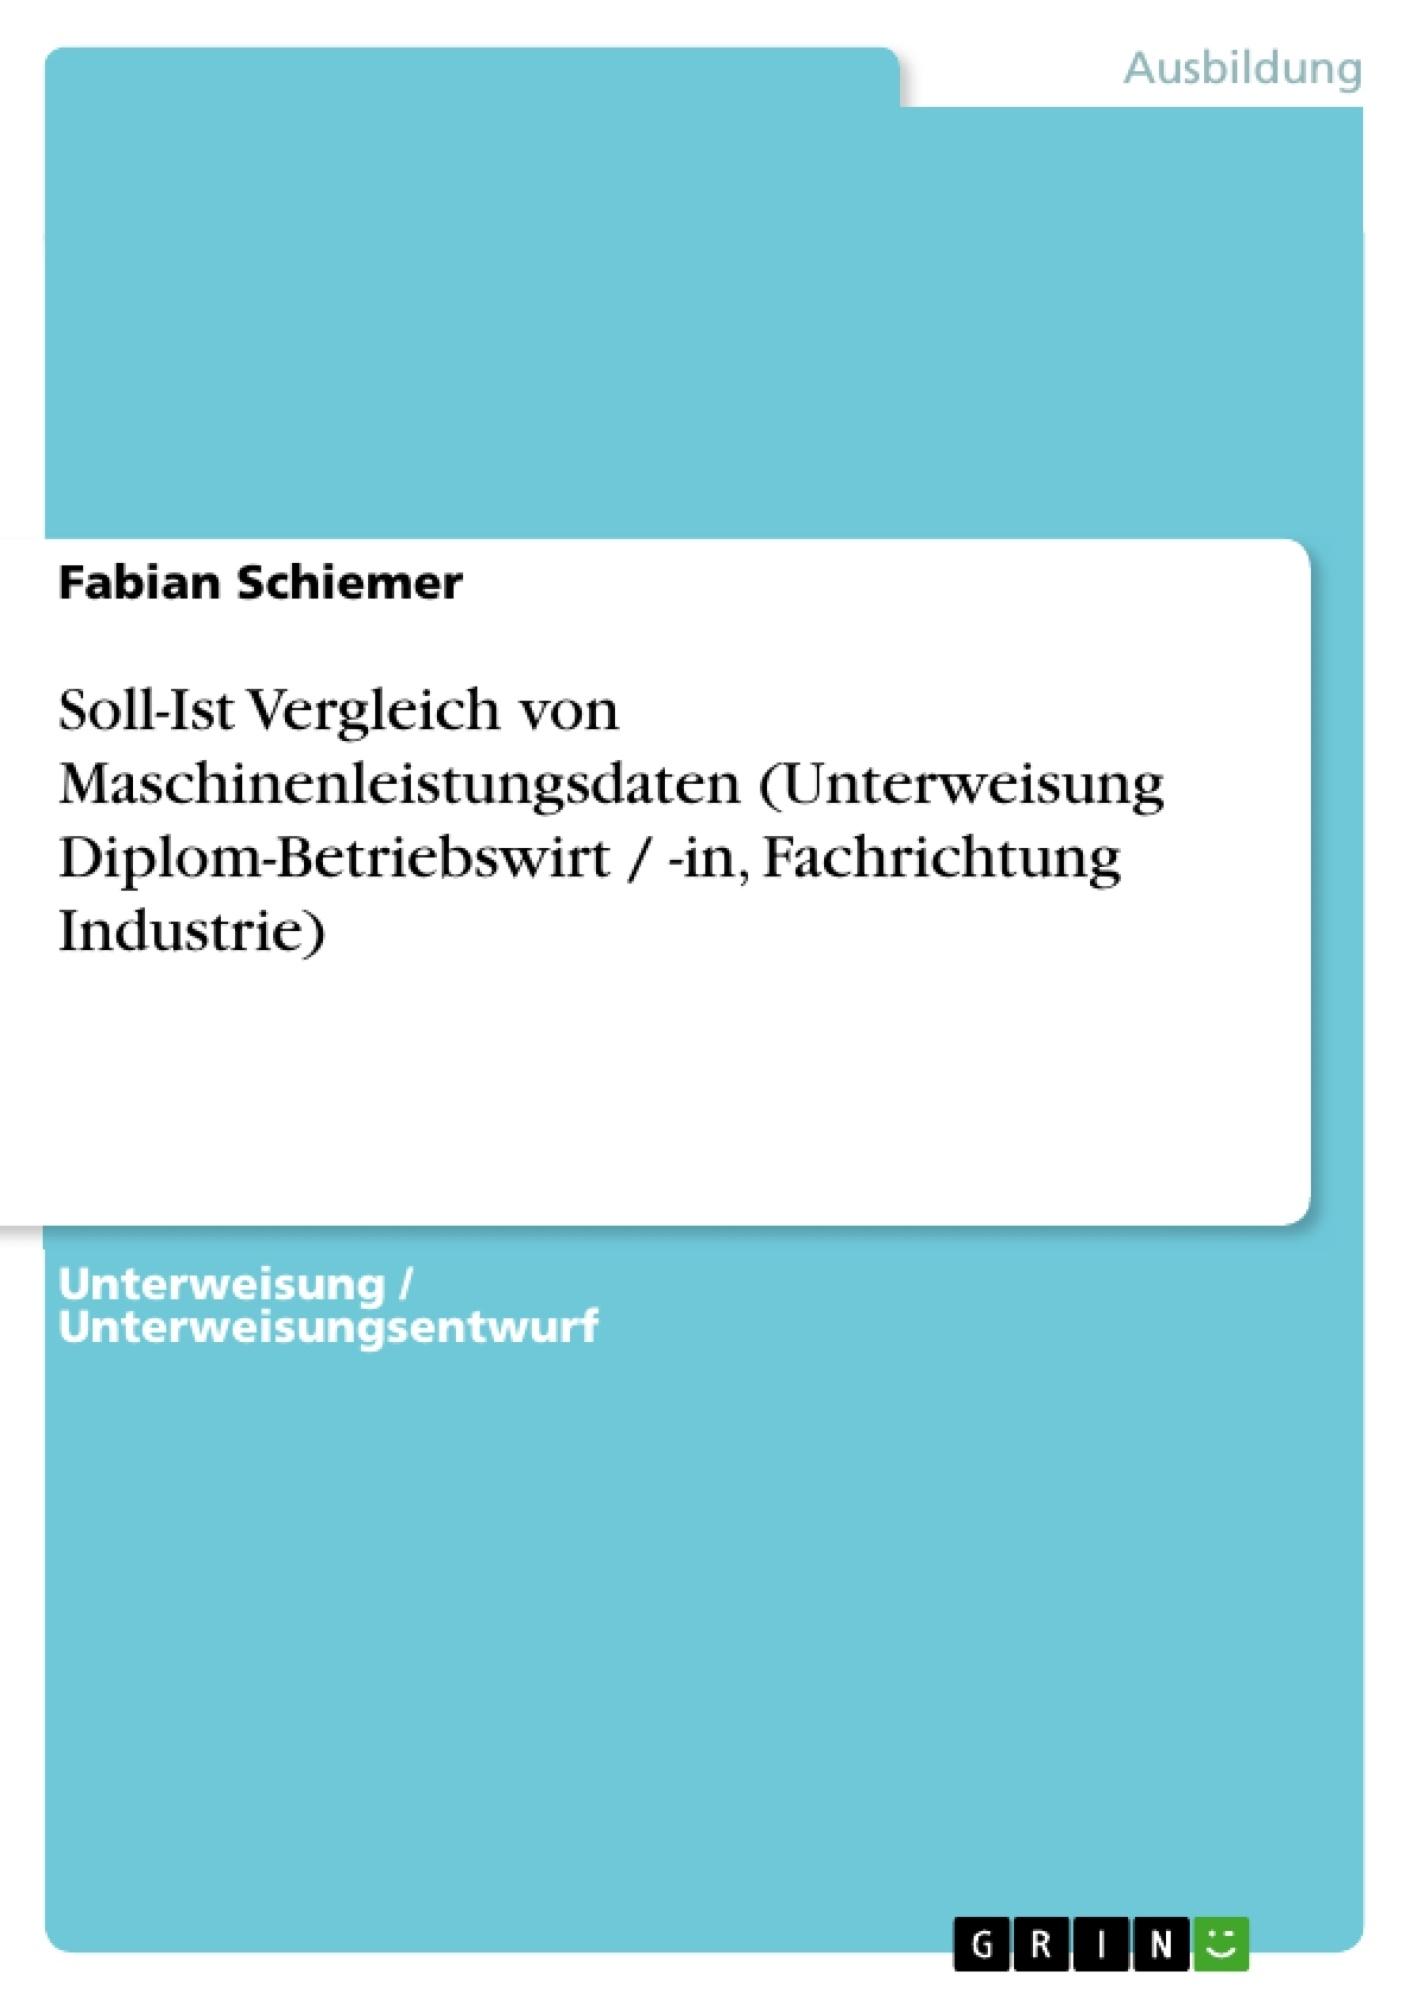 Titel: Soll-Ist Vergleich von Maschinenleistungsdaten (Unterweisung Diplom-Betriebswirt / -in, Fachrichtung Industrie)